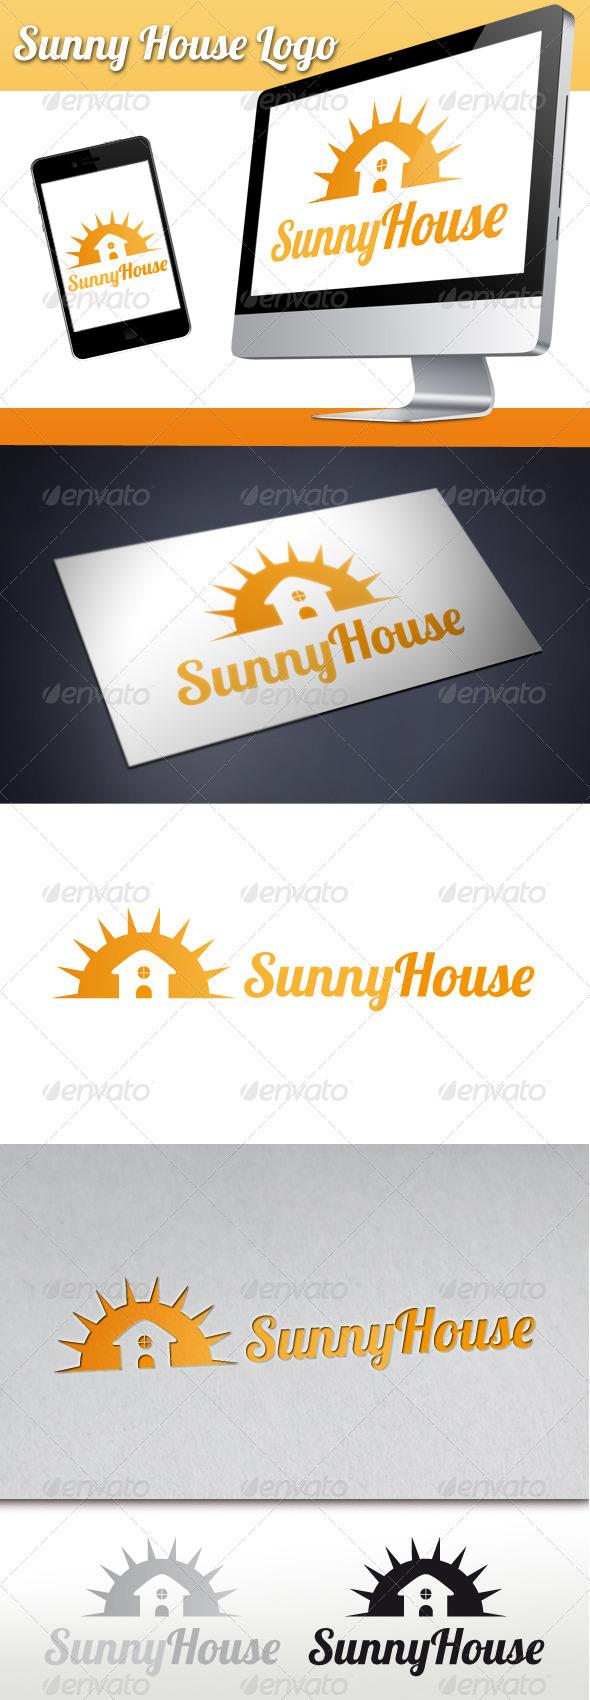 GraphicRiver Sunny House Logo 3407475